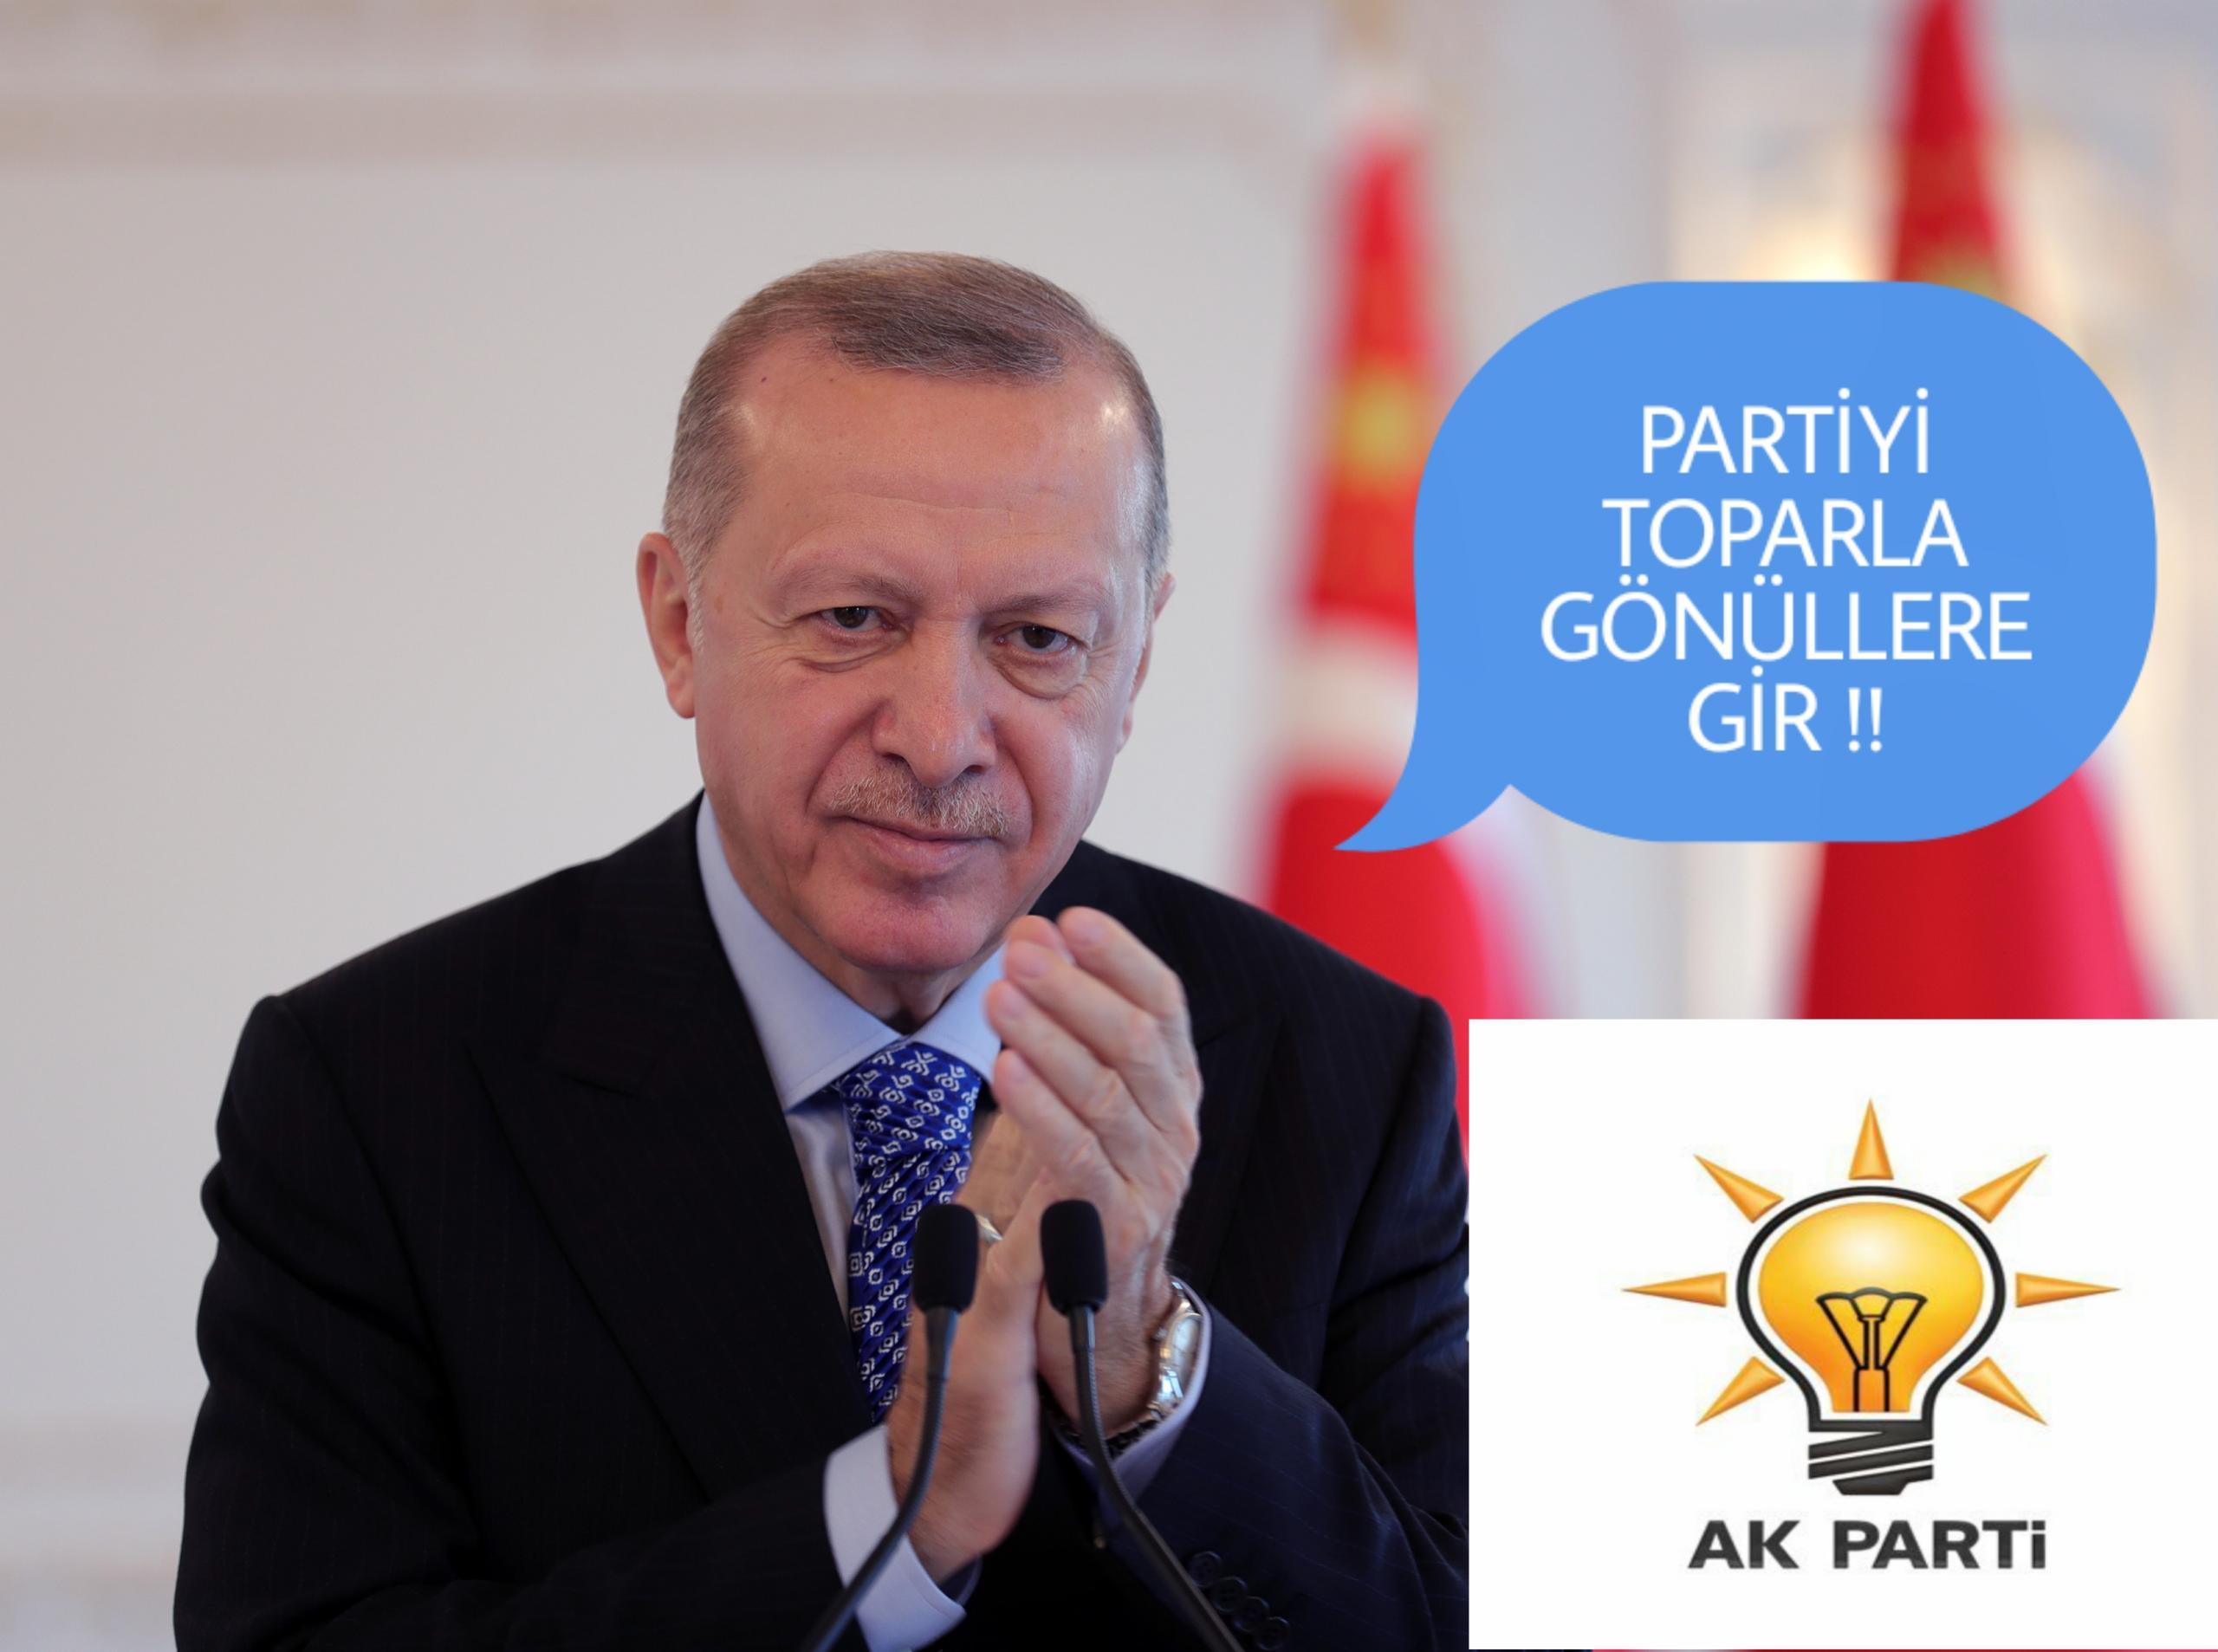 TEŞKILÂTÇI BAŞKAN ERDOĞAN KARARINI VERECEK !!